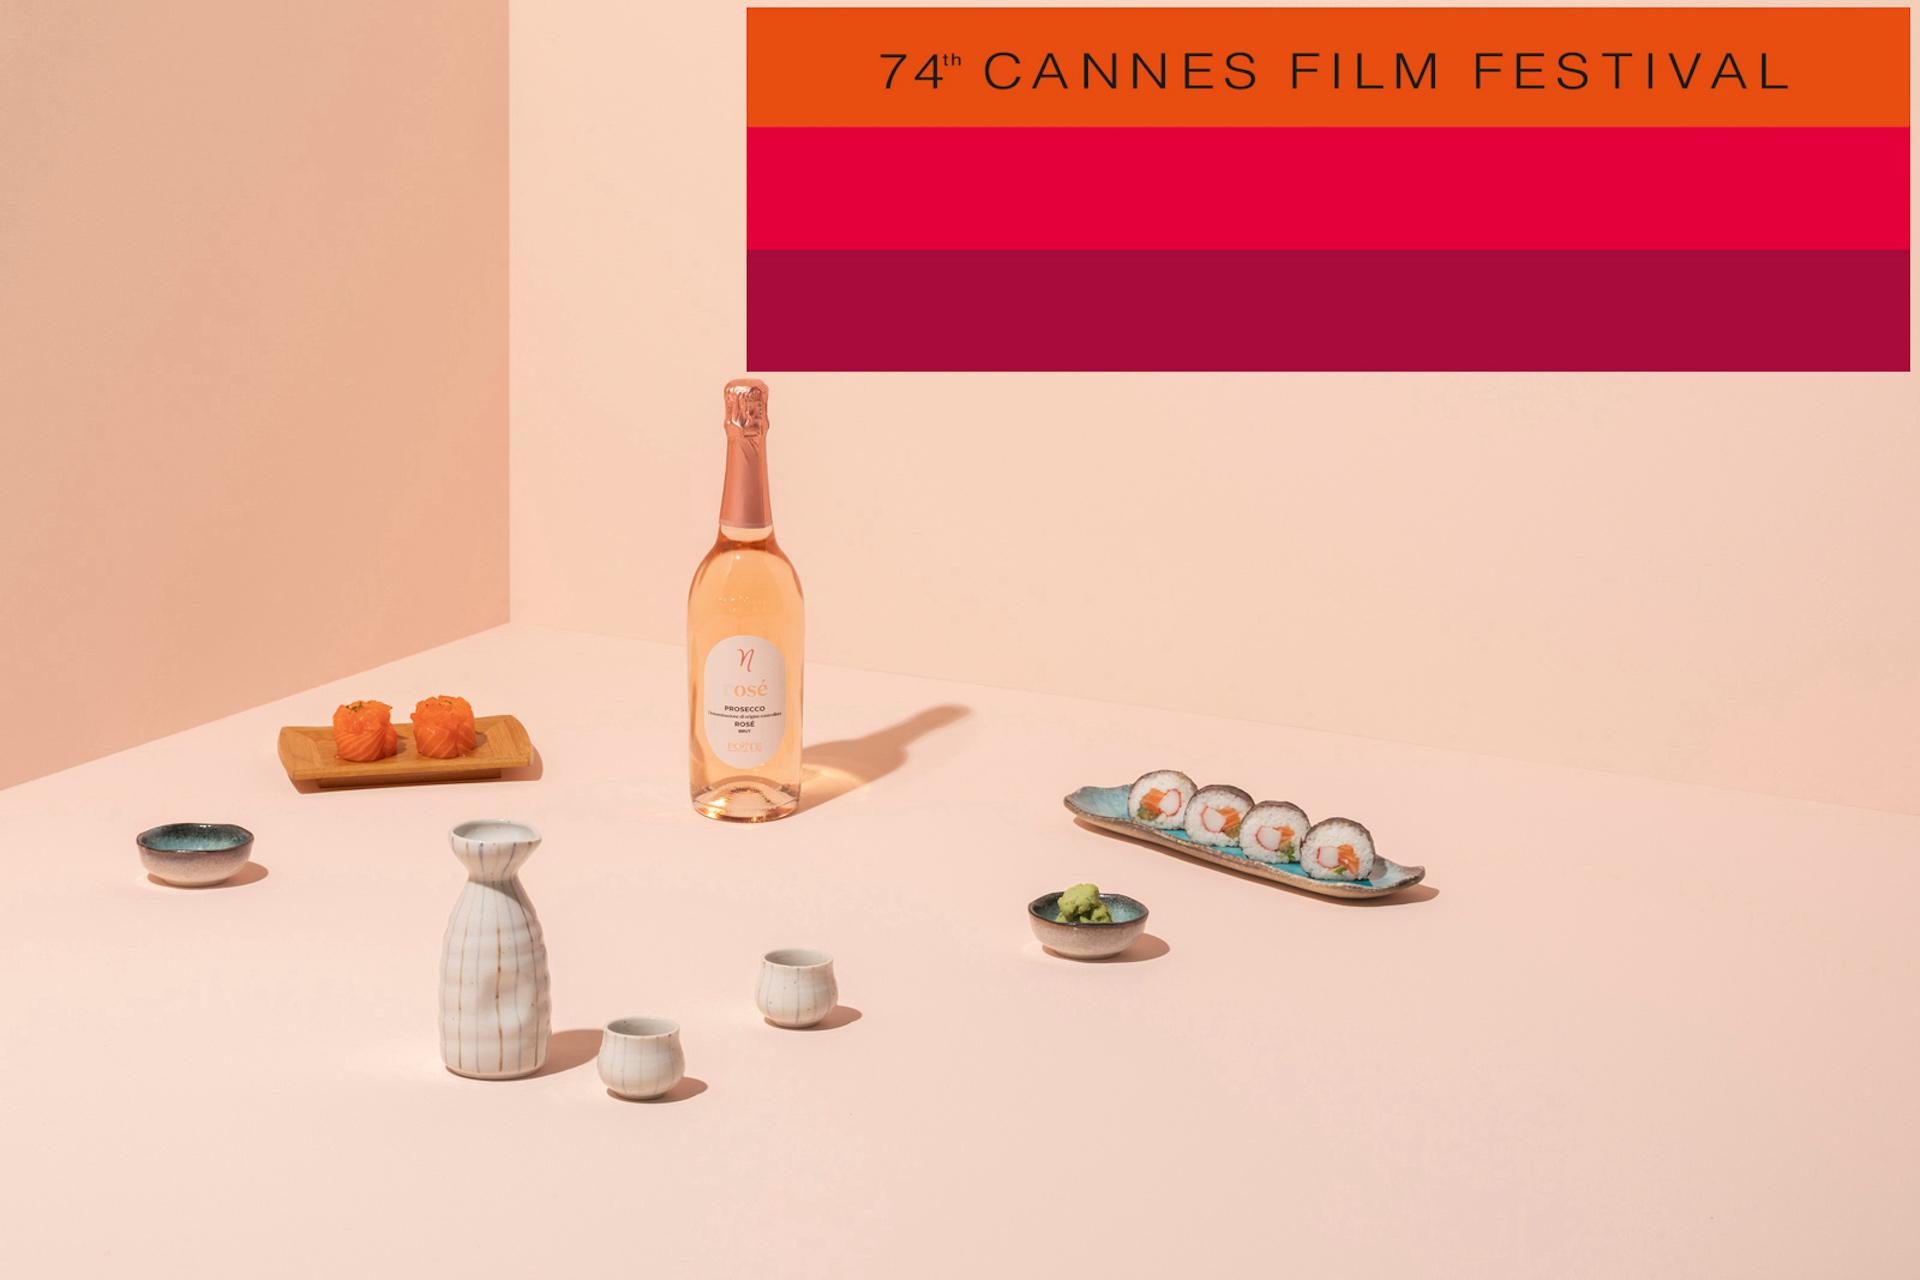 PROSECCO DOC TREVISO, ROSÉ E I COCKTAIL CHOOSE AL 74° FILM FESTIVAL DI CANNES